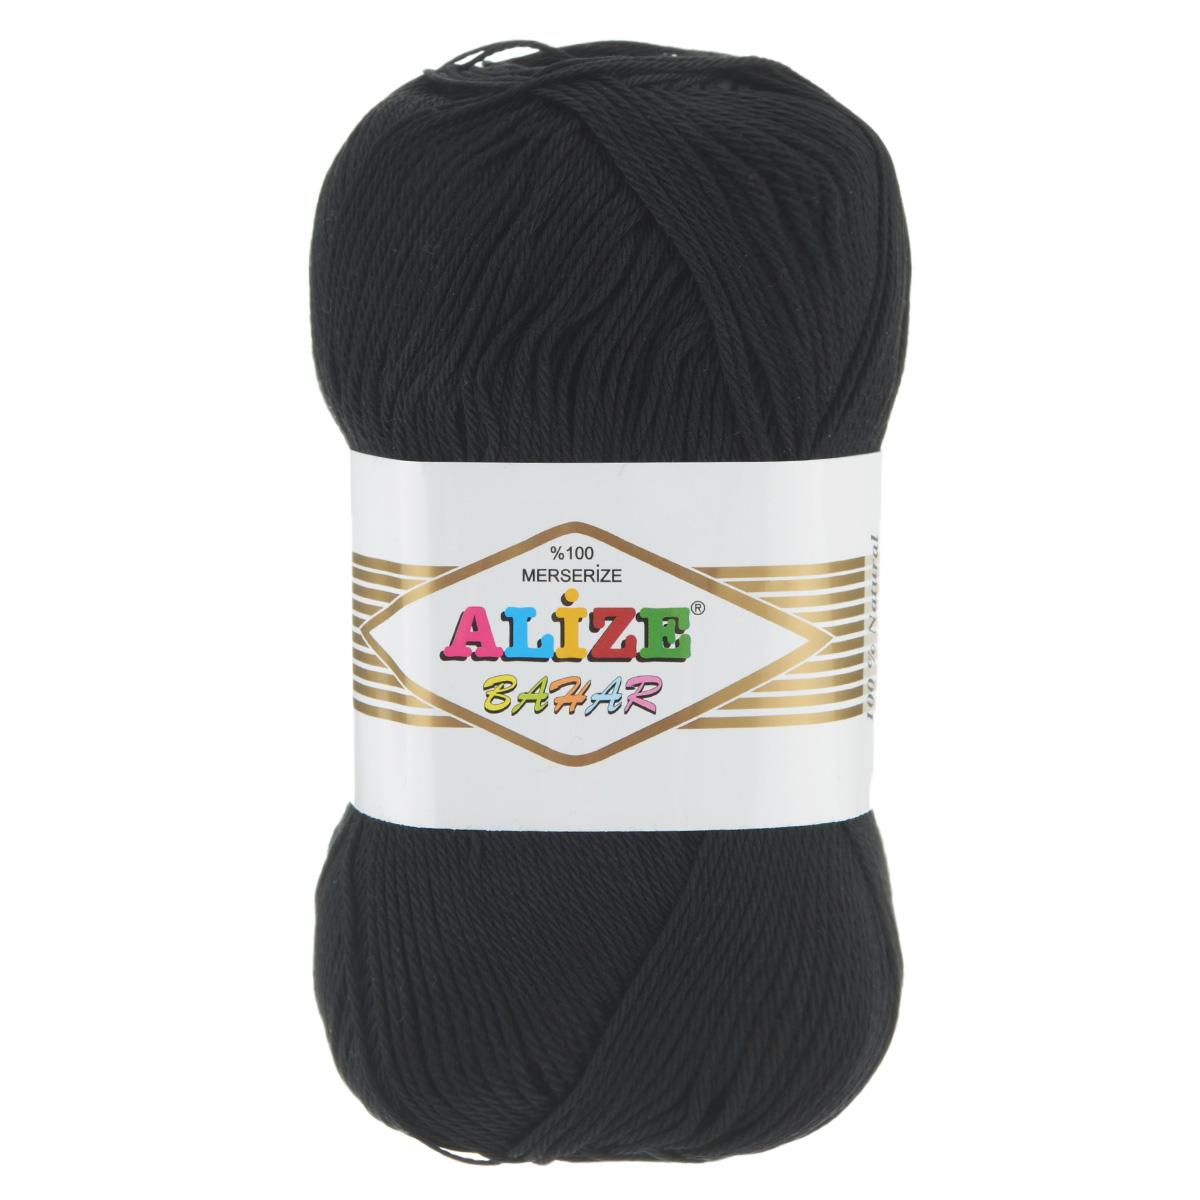 Пряжа для вязания Alize Bahar, цвет: черный (60), 260 м, 100 г, 5 шт364089_60Пряжа Alize Bahar подходит для ручного вязания детям и взрослым. Пряжа однотонная, приятная на ощупь, хорошо лежит в полотне. Изделия из такой нити получаются мягкие и красивые. Рекомендованные спицы 3-5 мм и крючок для вязания 2-4 мм. Комплектация: 5 мотков. Состав: 100% хлопок.